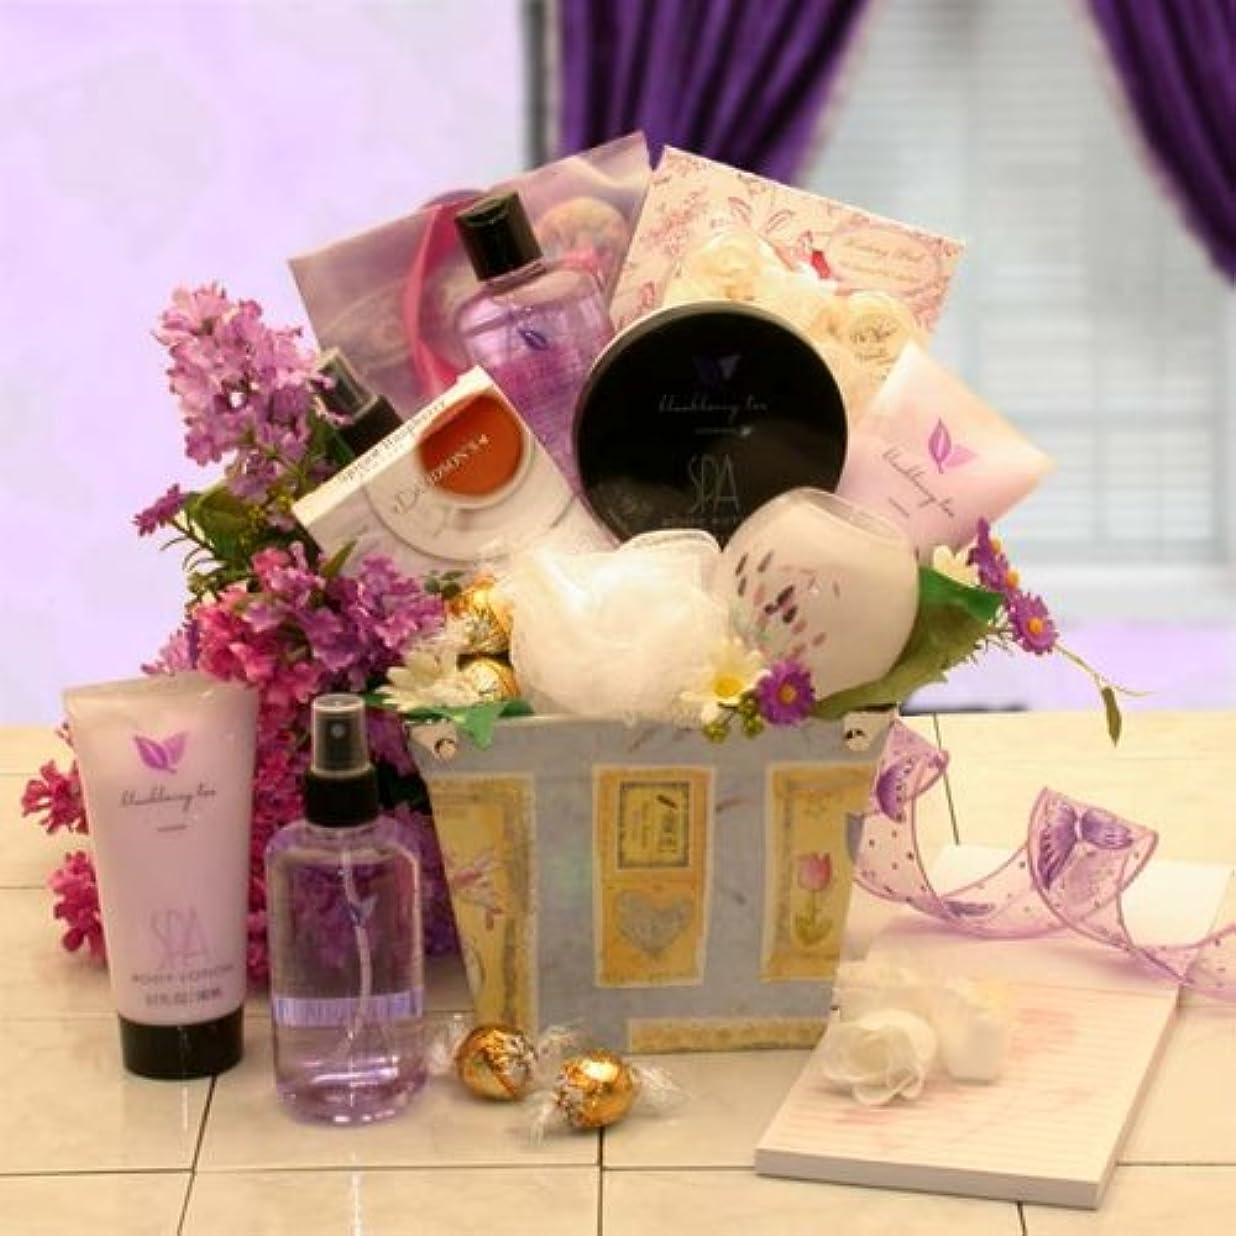 モトリーオークコンピューターゲームをプレイするGift Basket 8412572 The Healing Spa Gift Assortment - Medium